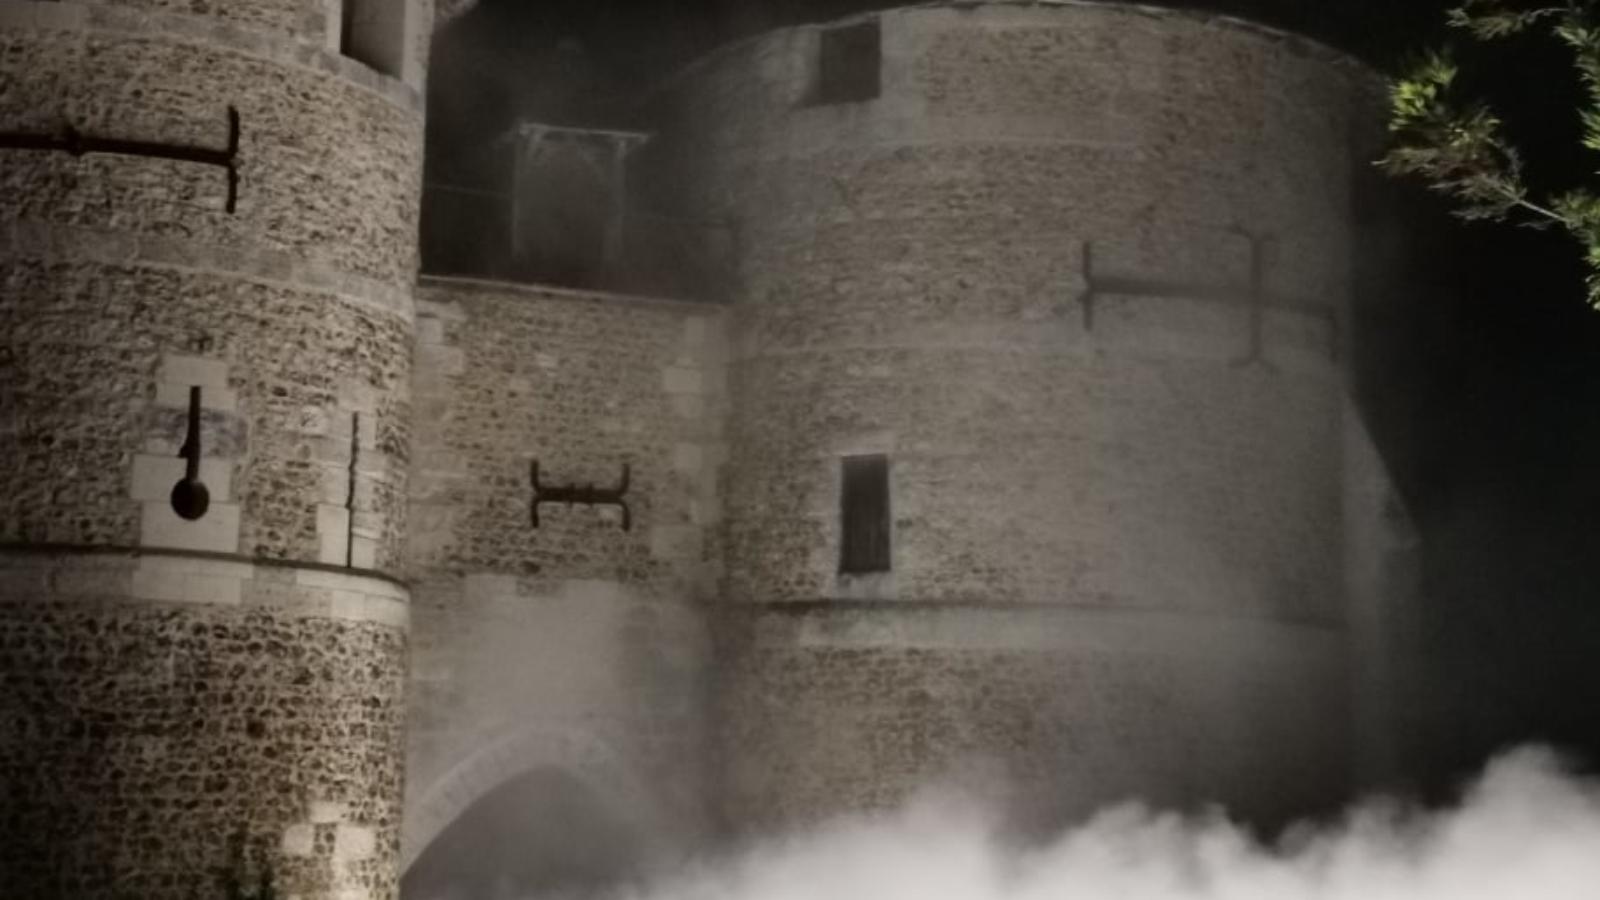 DUTRIE SAS - THE FOG SYSTEM -DUTRIE SAS installe le système de brumisation du château d'Harcourt pour les journées du patrimoine